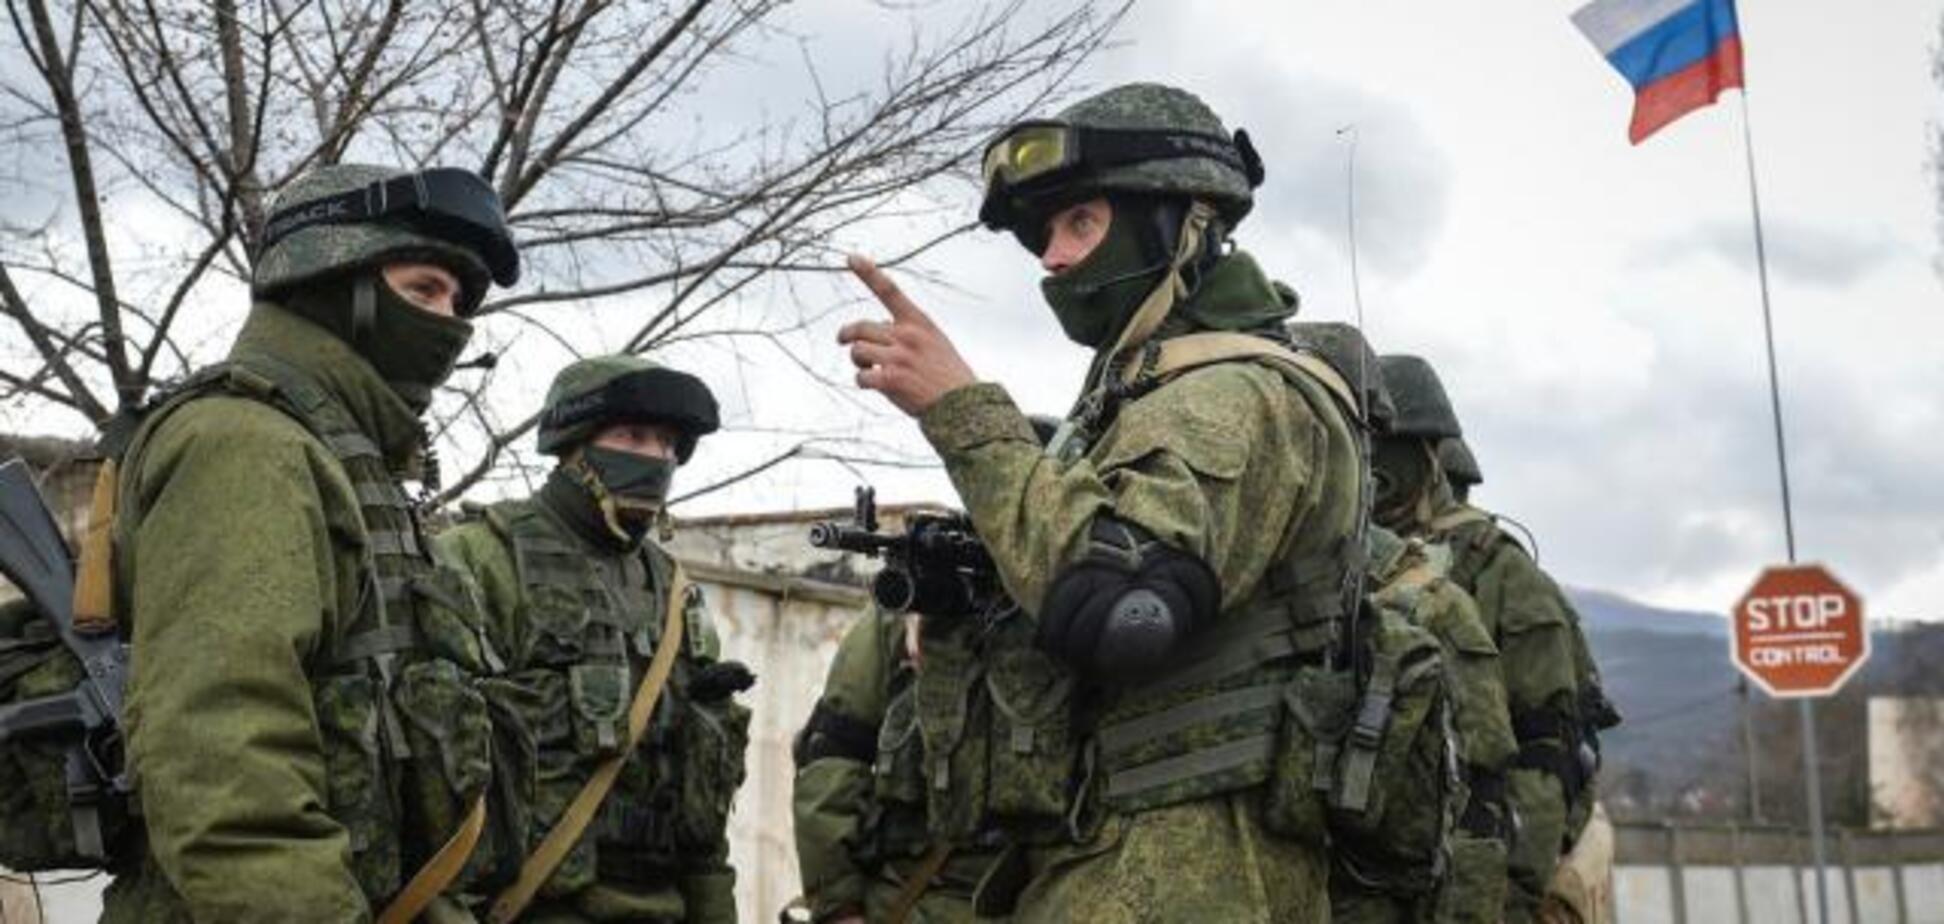 Розвалити Росію: з'явилася альтернатива пропозиції Туки